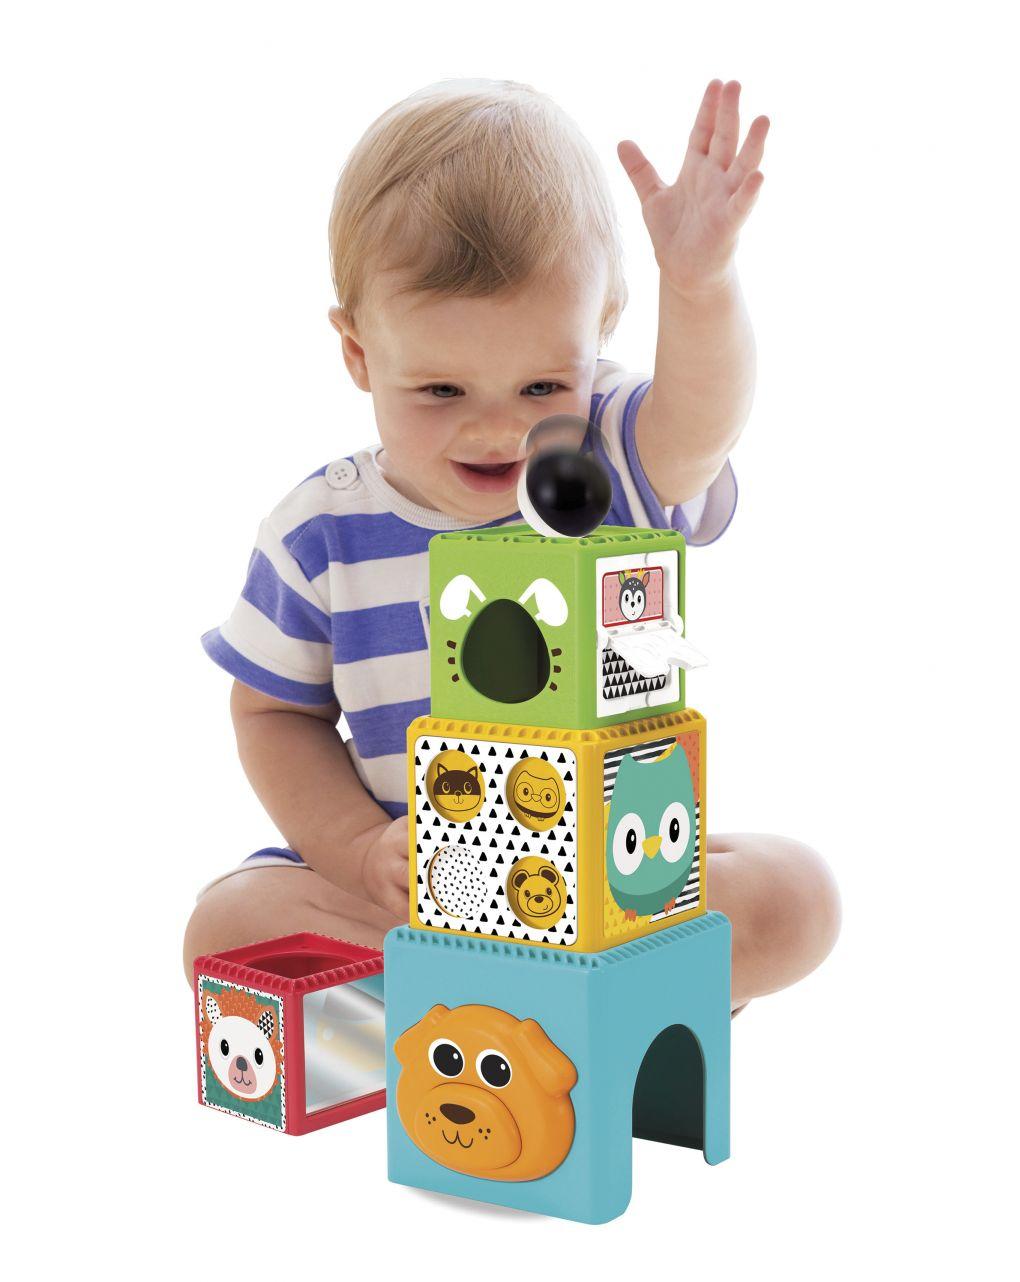 Bkids - cubos e jogo de bola - B-kids